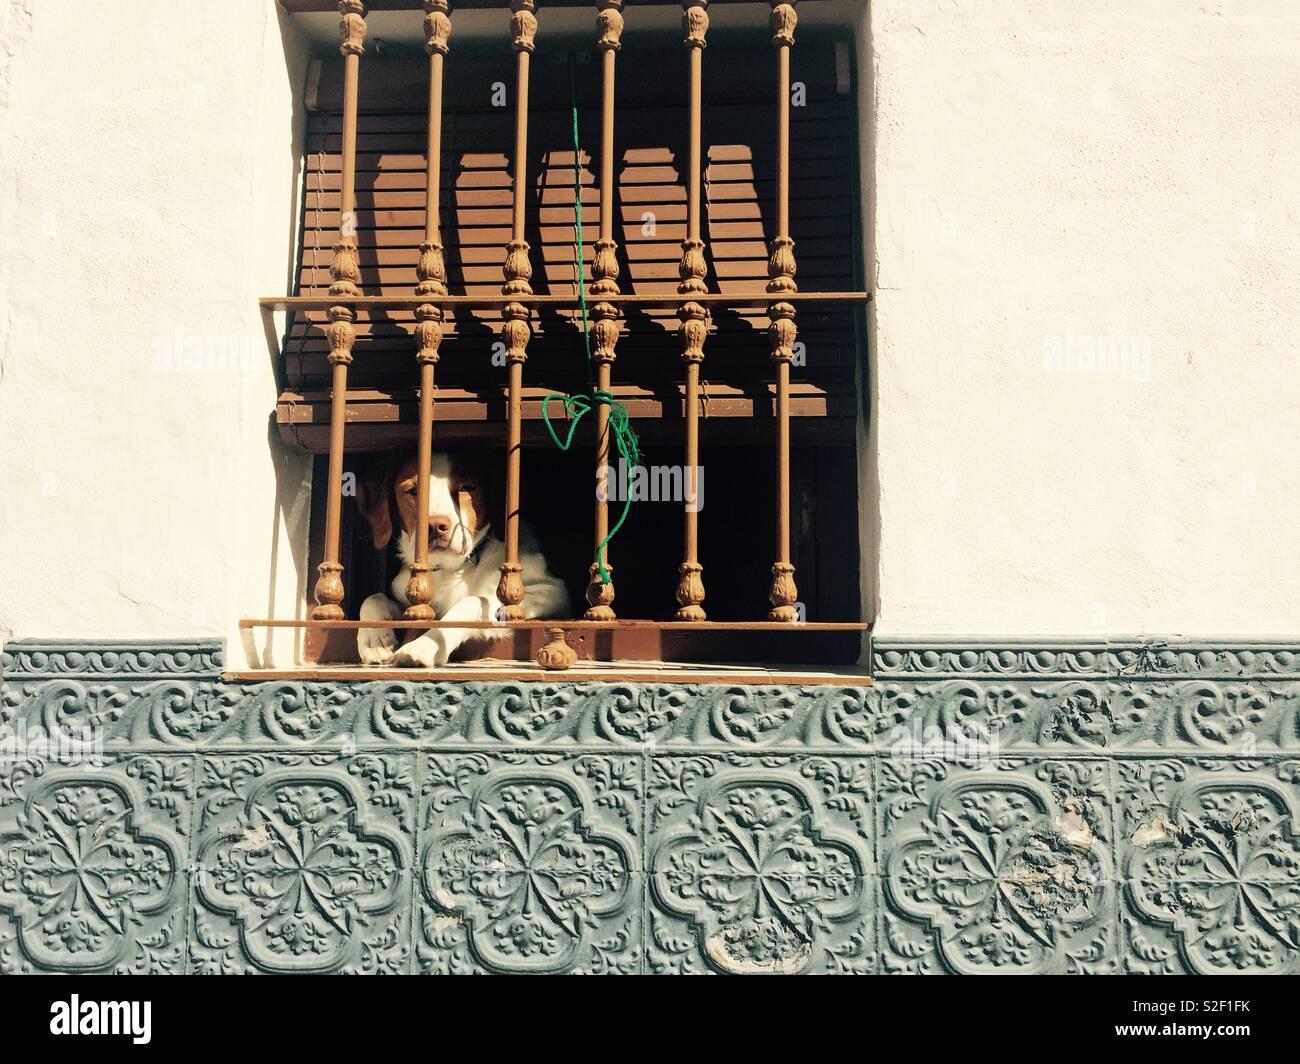 Pequeno cão marrom e branco fica espiando ou olhando para fora através de barras de ferro decorativas de uma janela no nível da rua em uma aldeia na Andaluzia Espanha Imagens de Stock